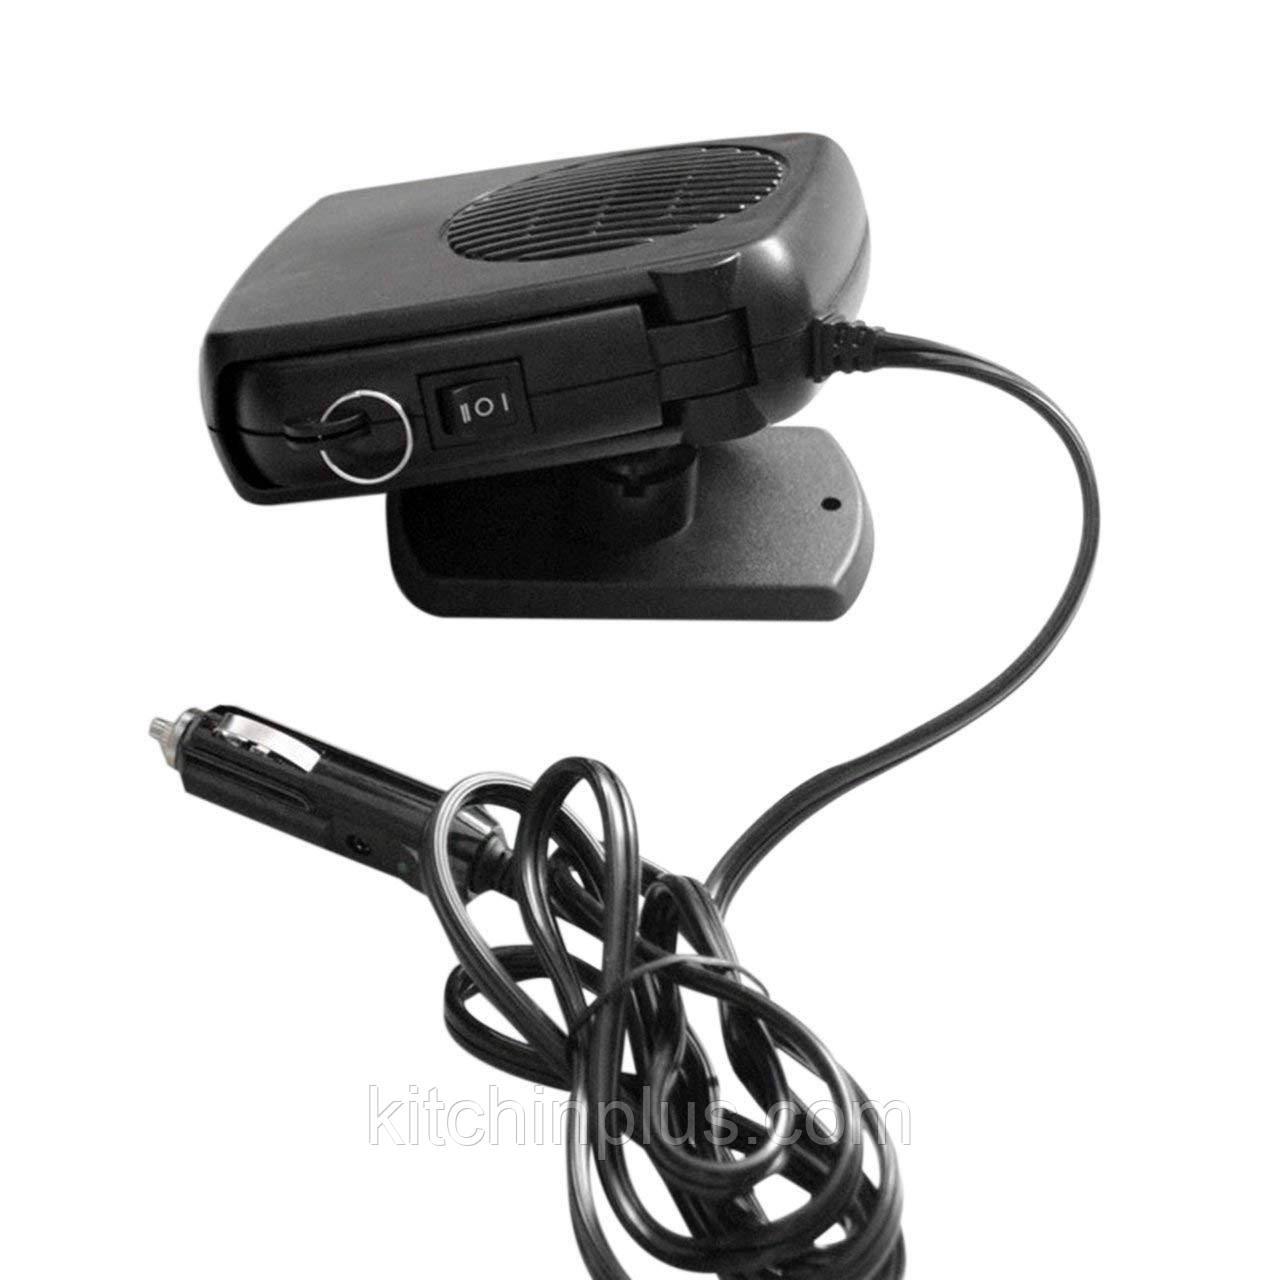 Обігрівач-вентилятор автомобільного салону 12V Auto Fan Heater